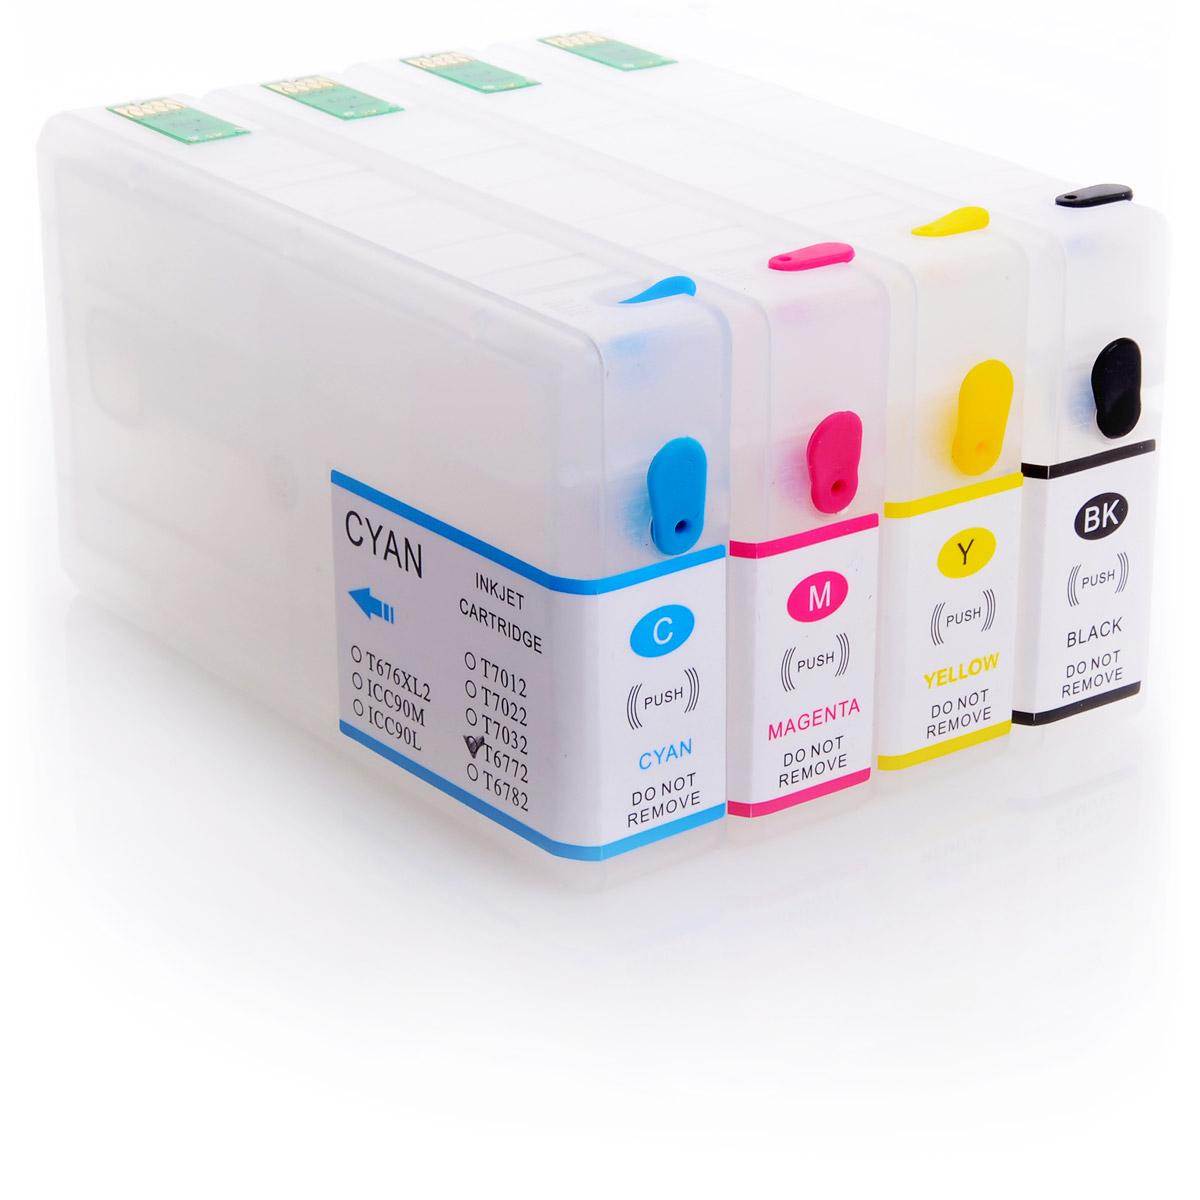 4x Refill Kartuschen für Epson Workforce Pro WP-4015 DN | kompatibel